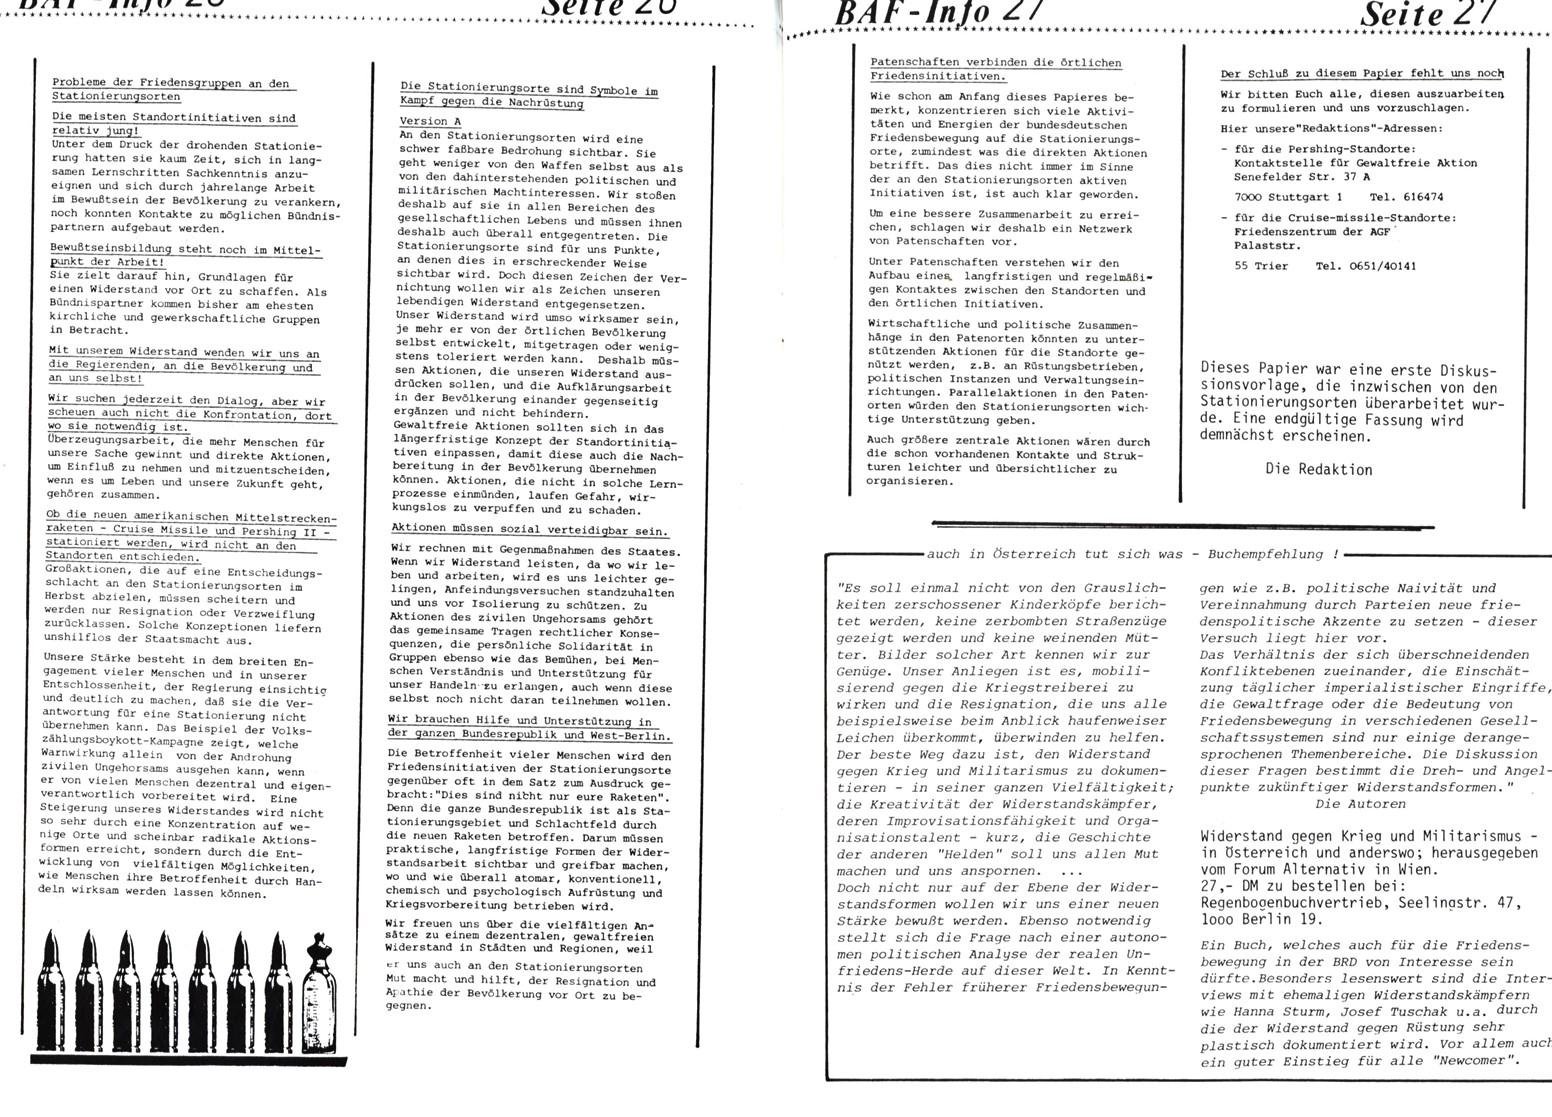 BAF_Info_03_19830600_14